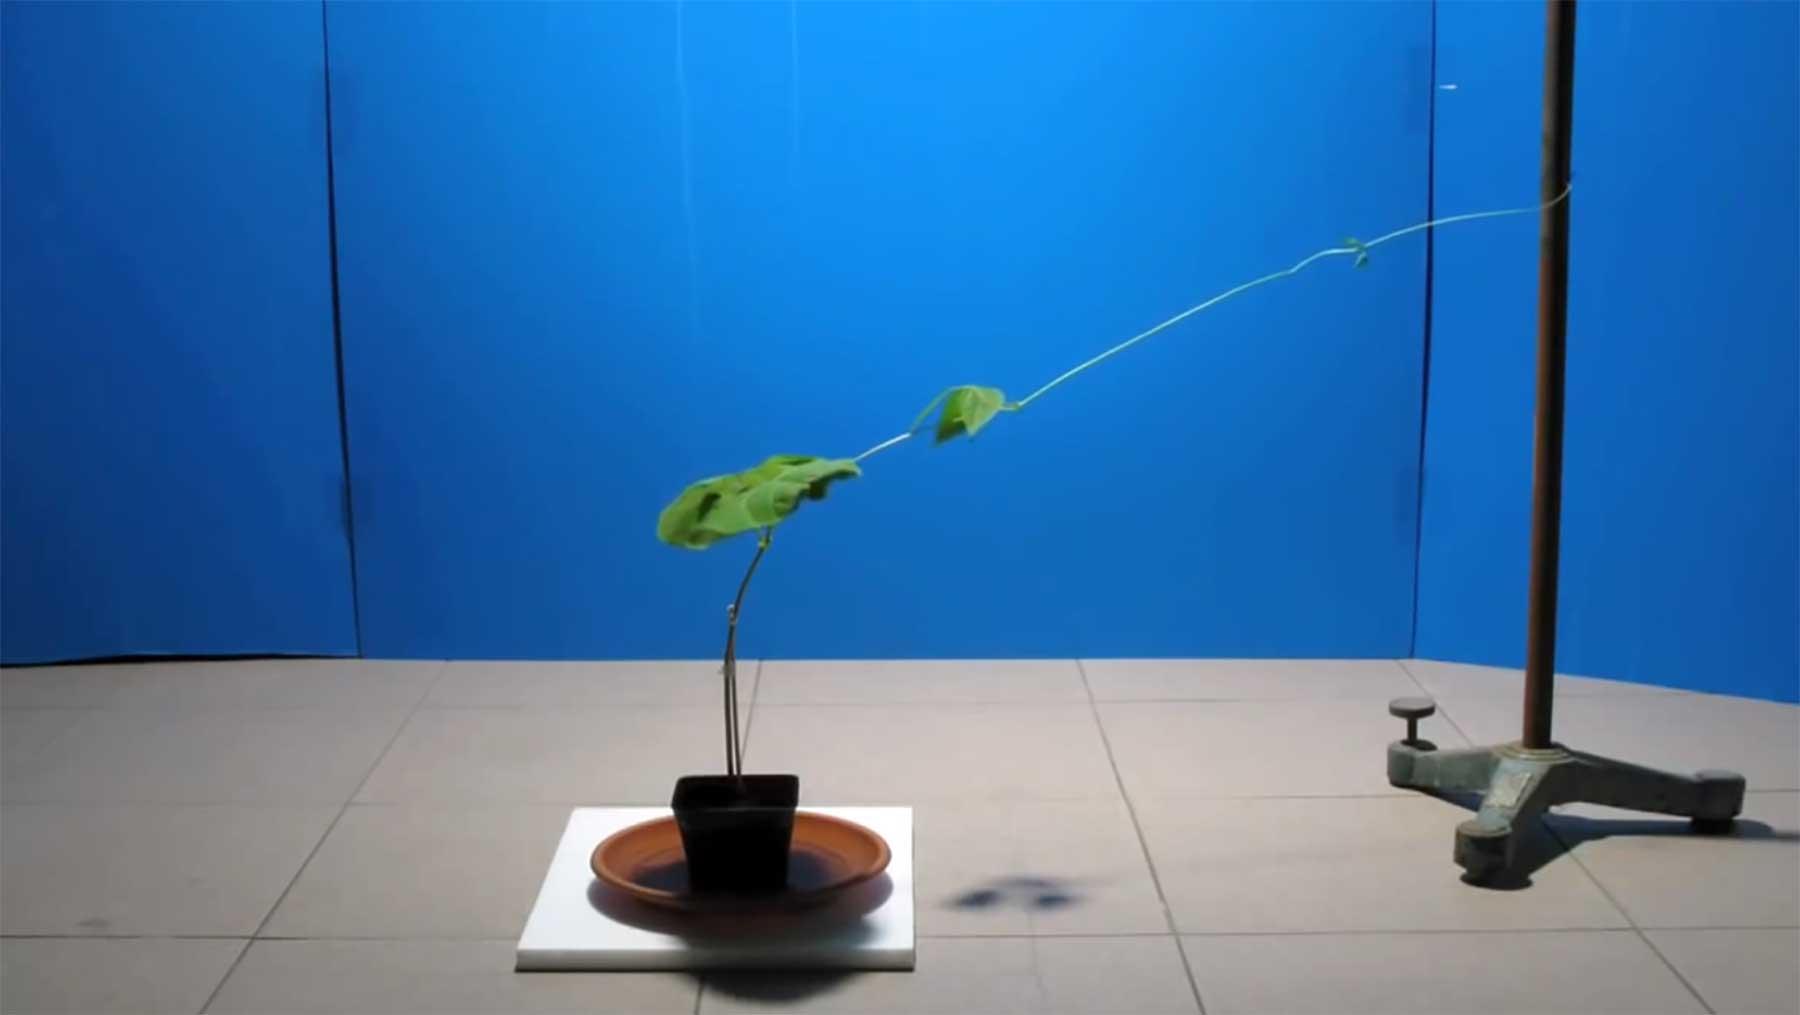 Die wissenschaftliche Untersuchung des Verhaltens von Pflanzen